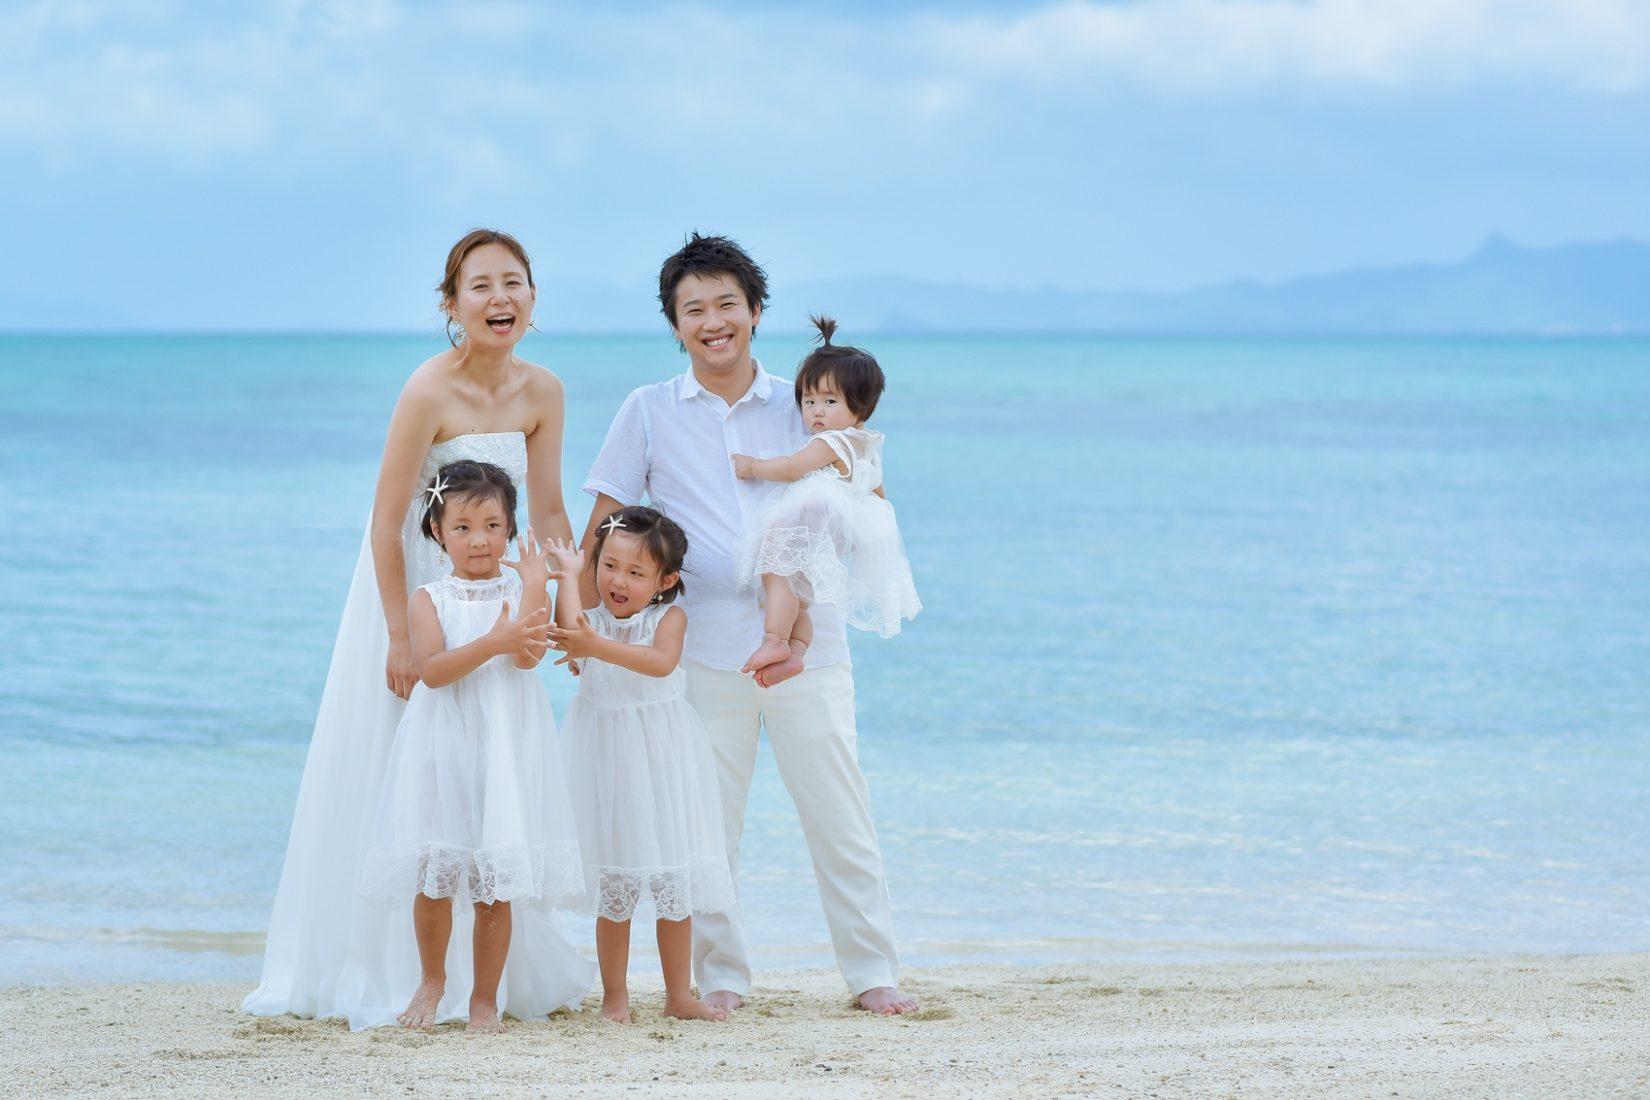 【レポ#35】白で統一した爽やかコーデ♡ M様ファミリーの家族写真